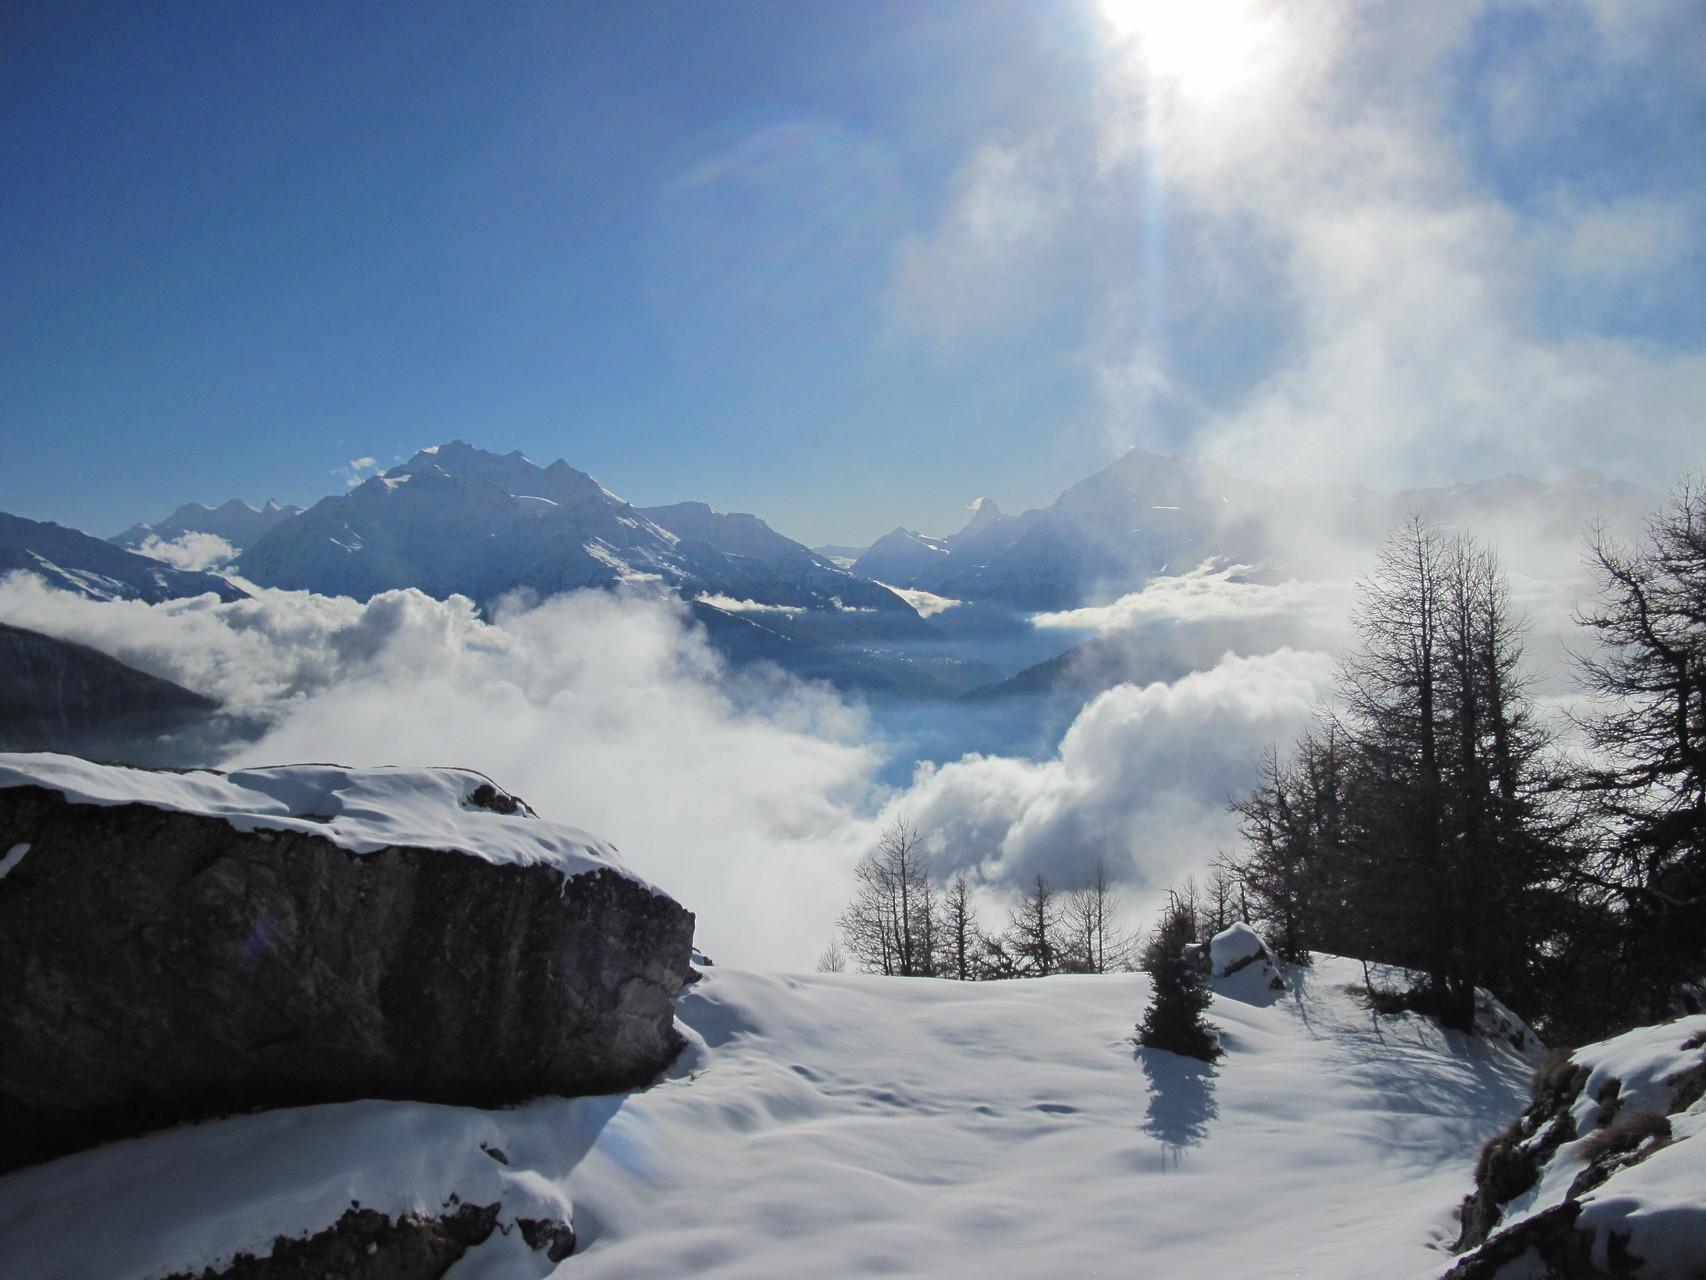 Mischabelgruppe, Matterhorn, Weisshorn